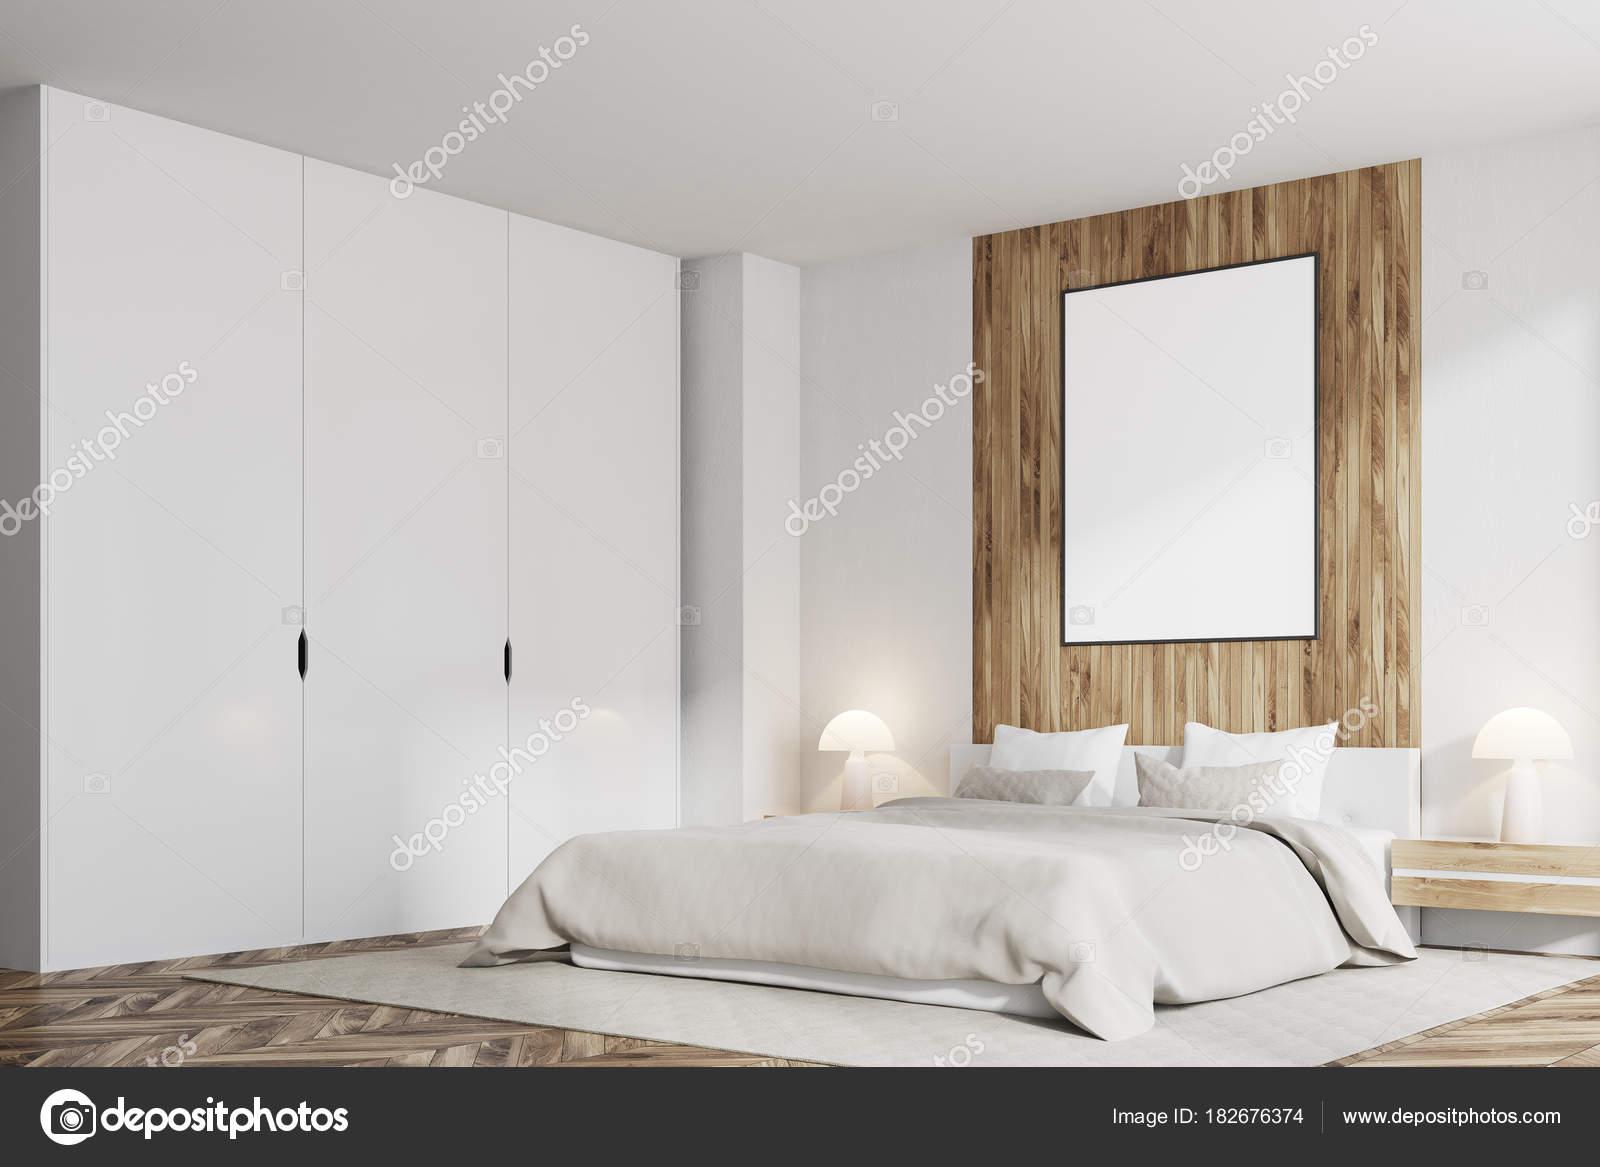 Camera Da Letto Legno Bianco : Interno bianco della camera da letto con letto matrimoniale